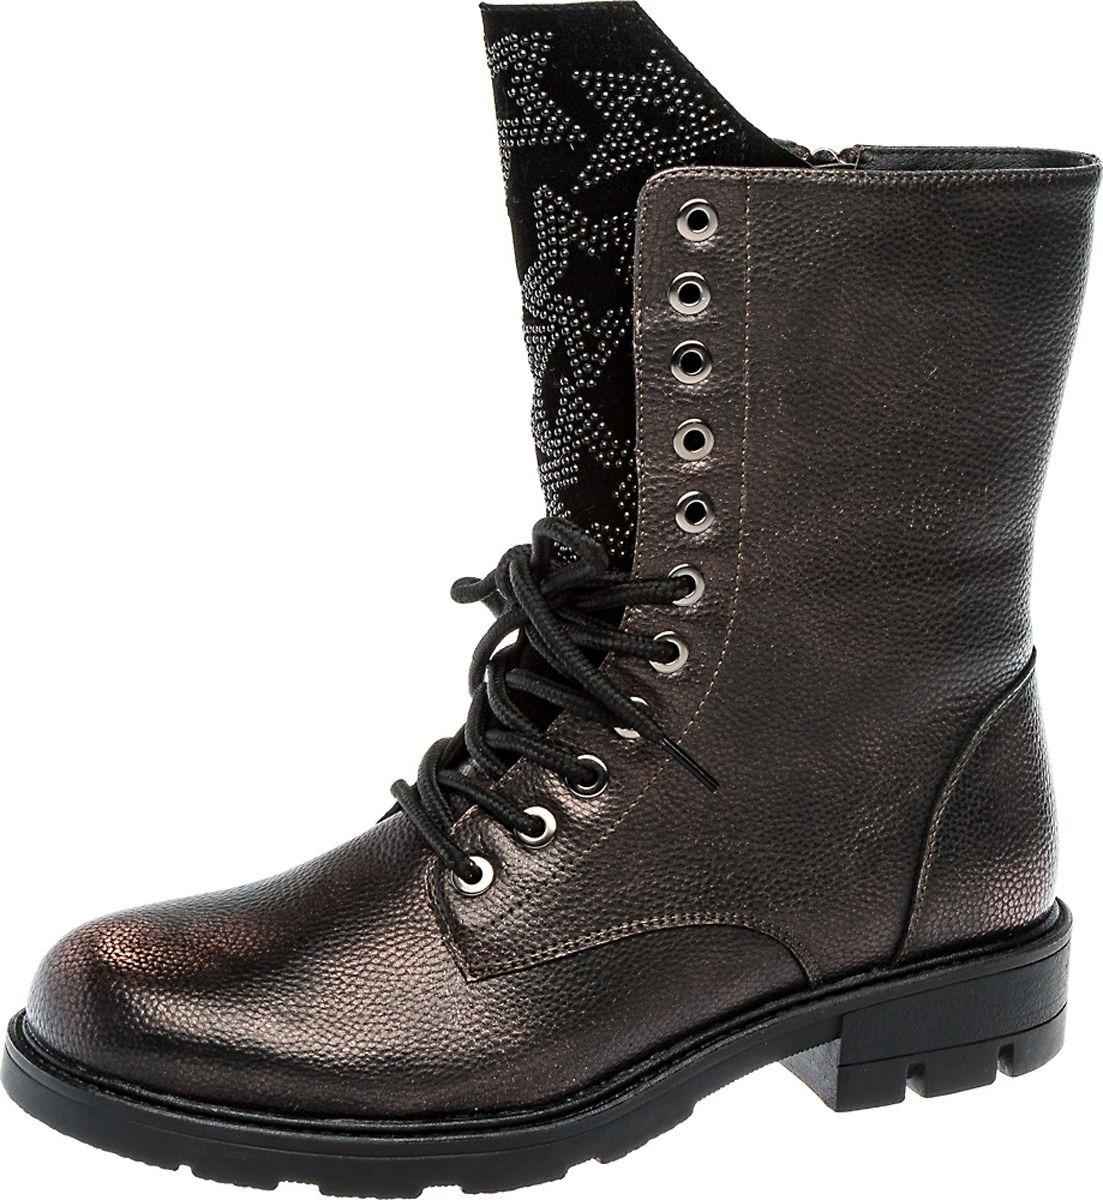 Ботинки Keddo ботинки для девочки keddo цвет кэмел 588127 12 01 размер 33